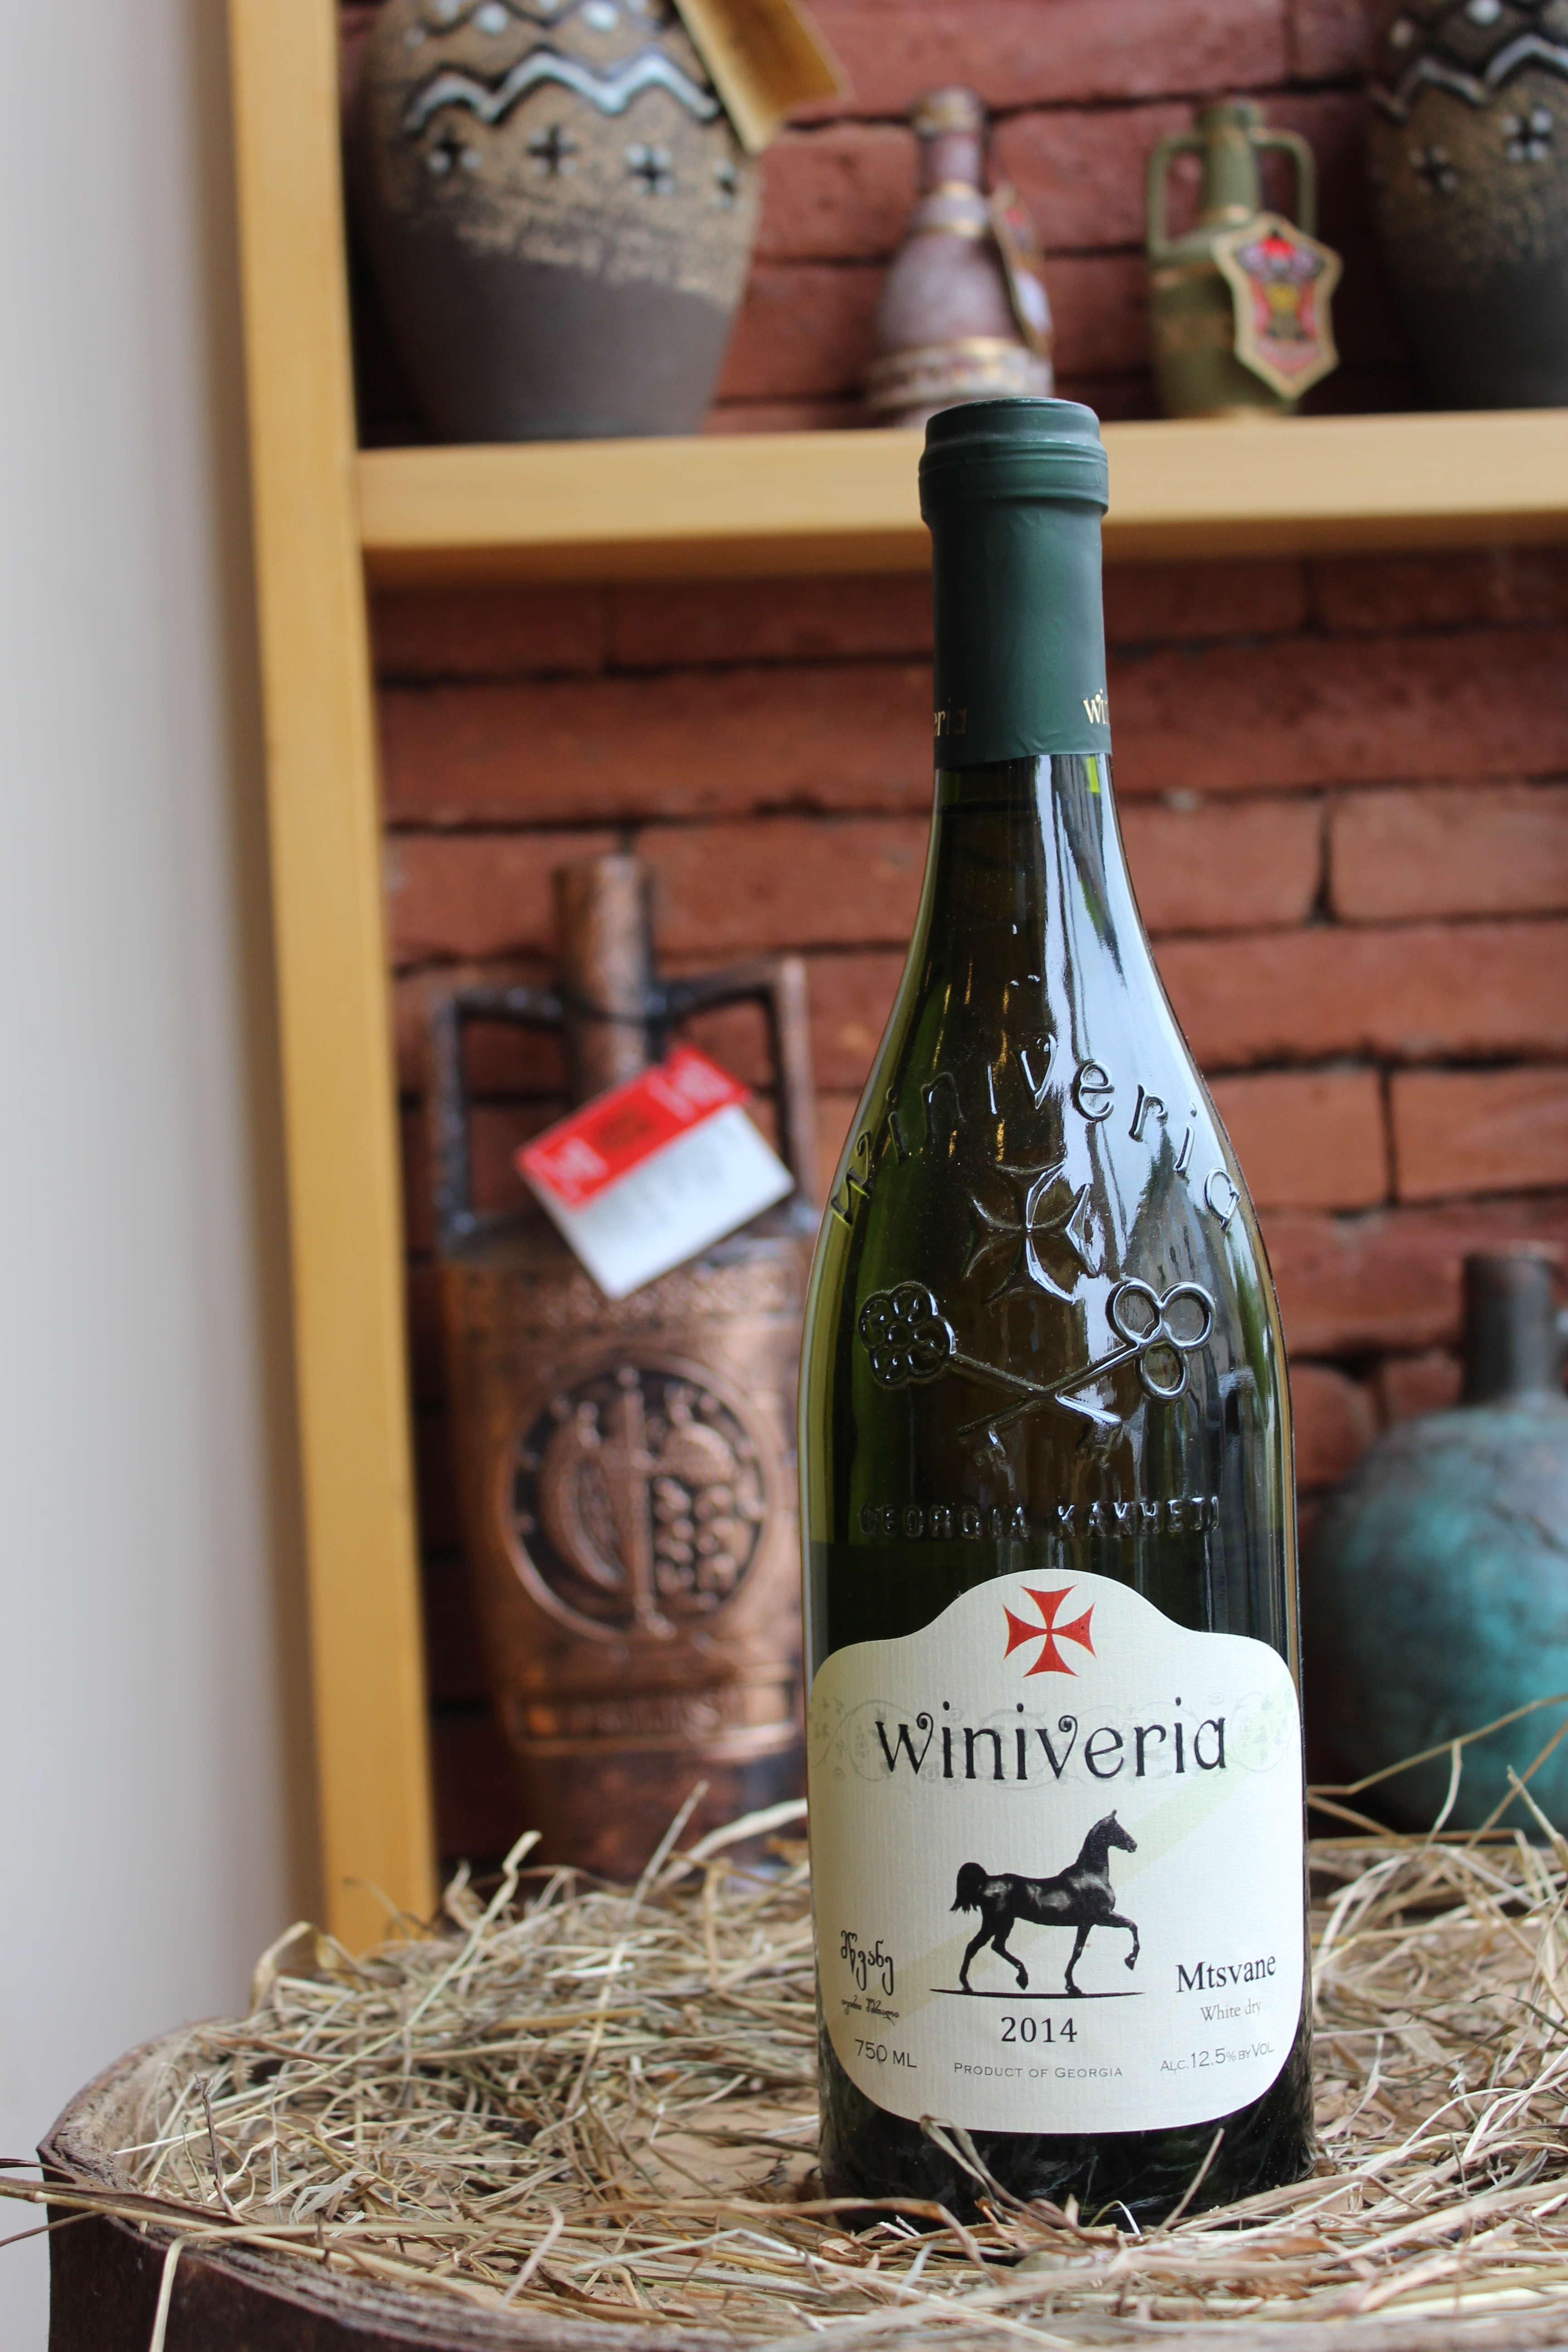 Winiveria - Mtsvane